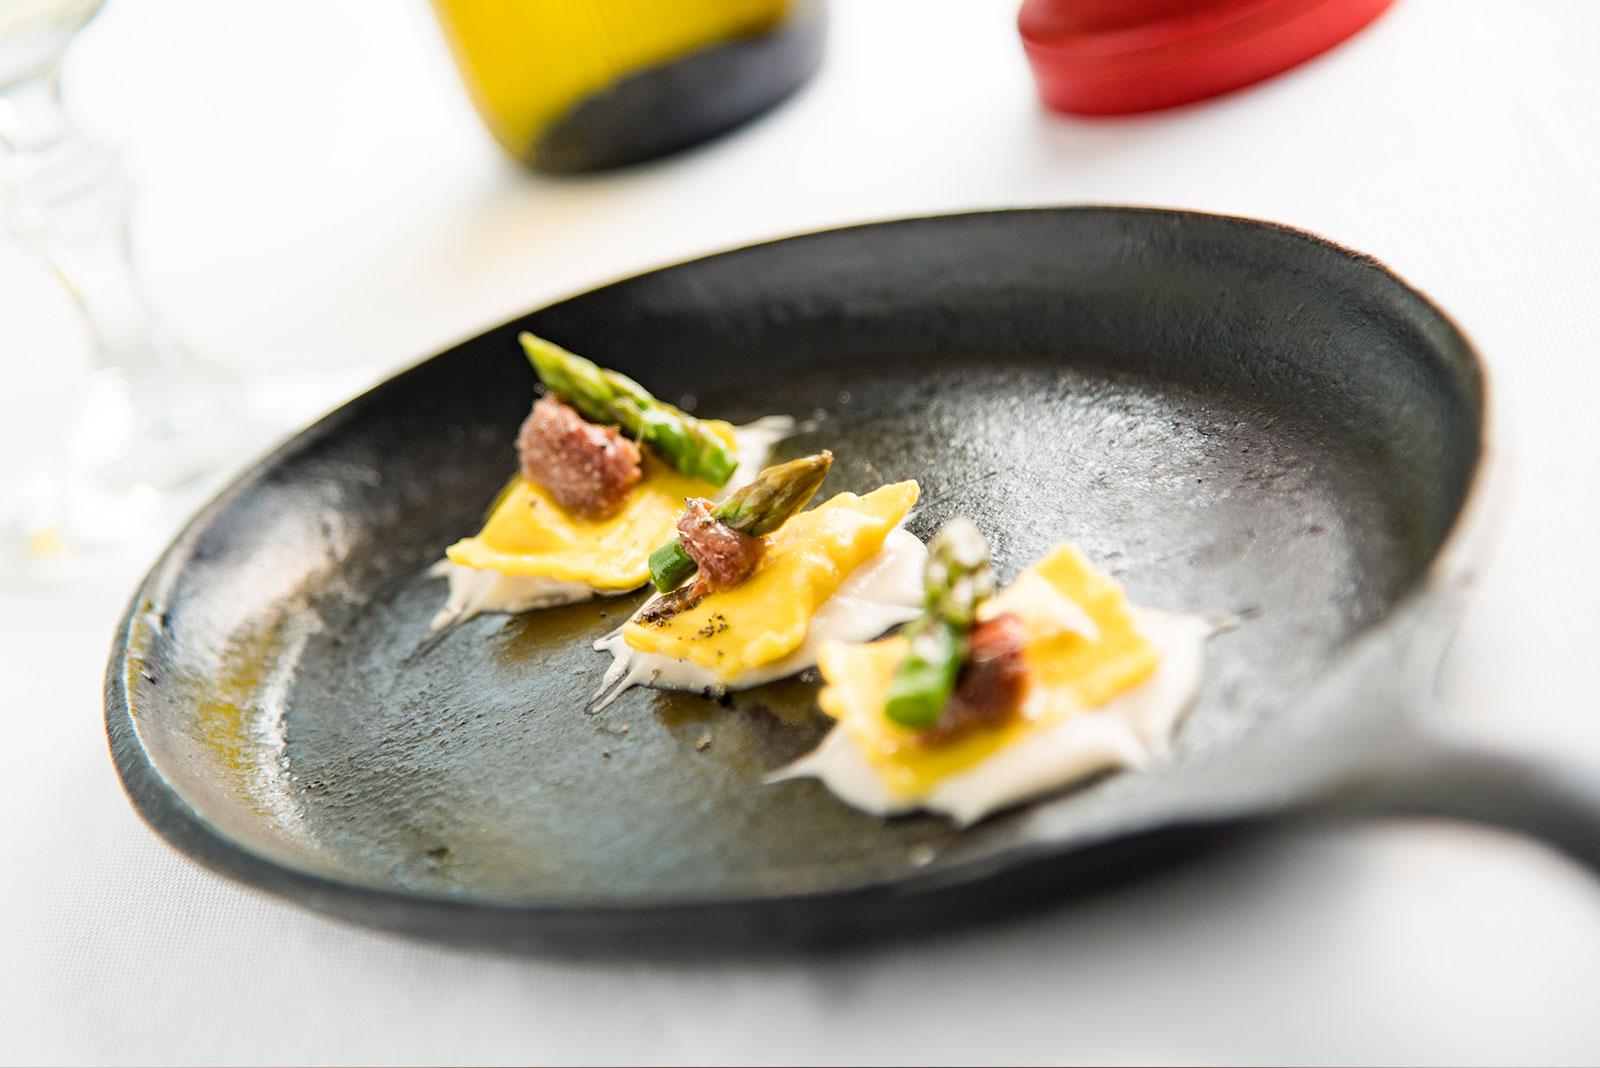 Bustini al brasato Senza Glutine con crema di fagioli cannellini ed asparago scottato - Pasta di Venezia